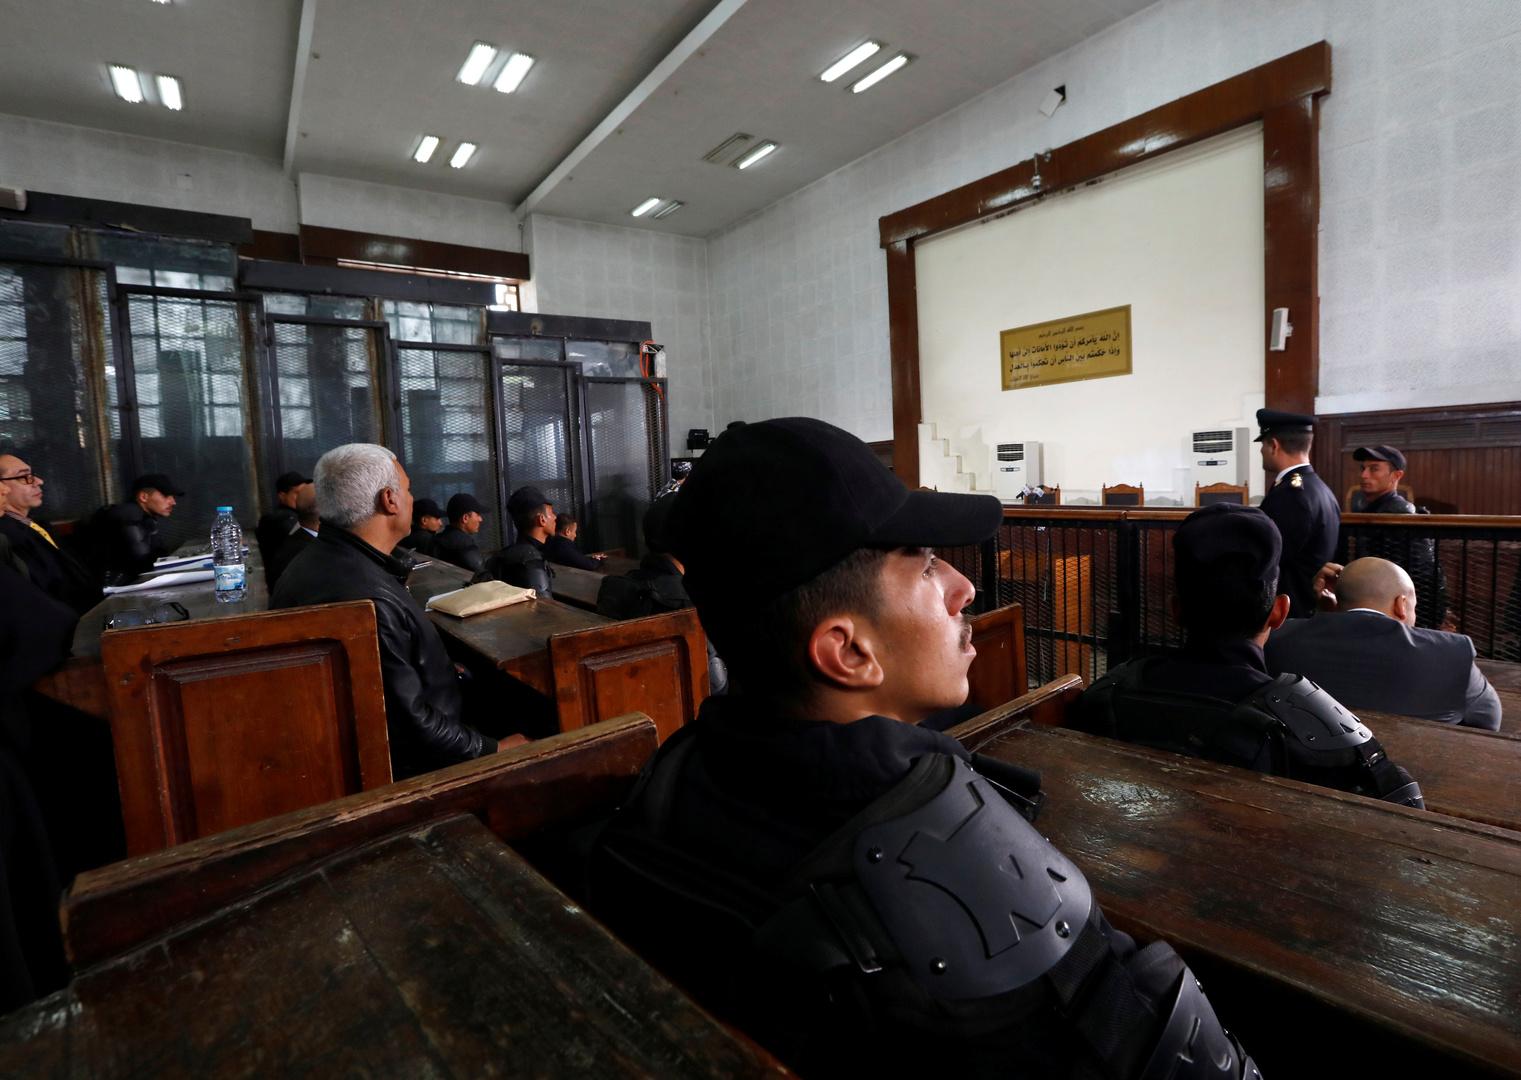 مصر.. مرتكب أغرب جرائم قتل يظهر لأول مرة خلال محاكمته ويتسبب في انفعال قاضي المحكمة (فيديو)